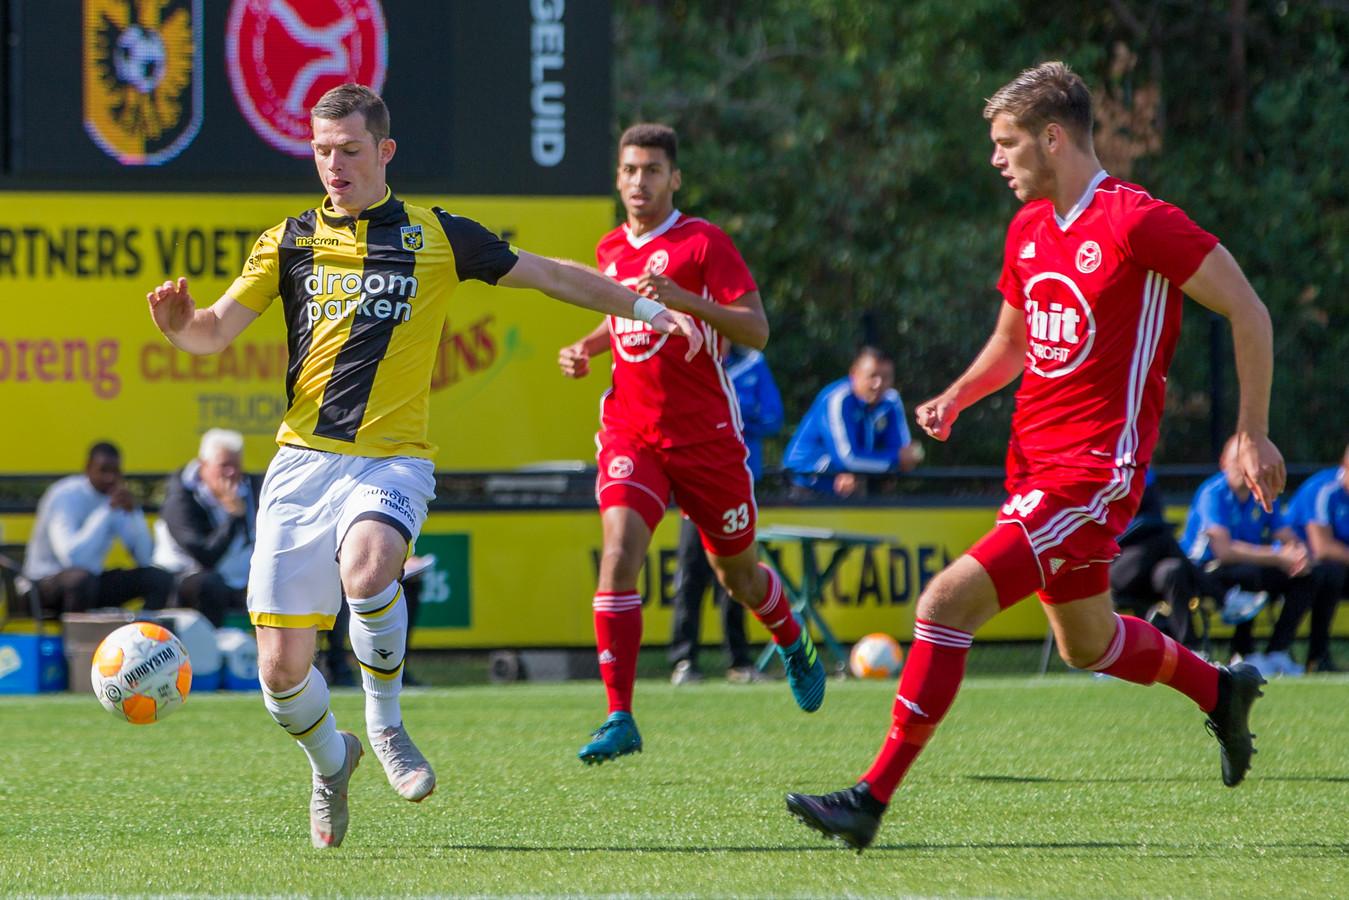 Thomas Buitink van Jong Vitesse en Kelt Jager van Jong Almere City in actie op het zonnige Papendal.